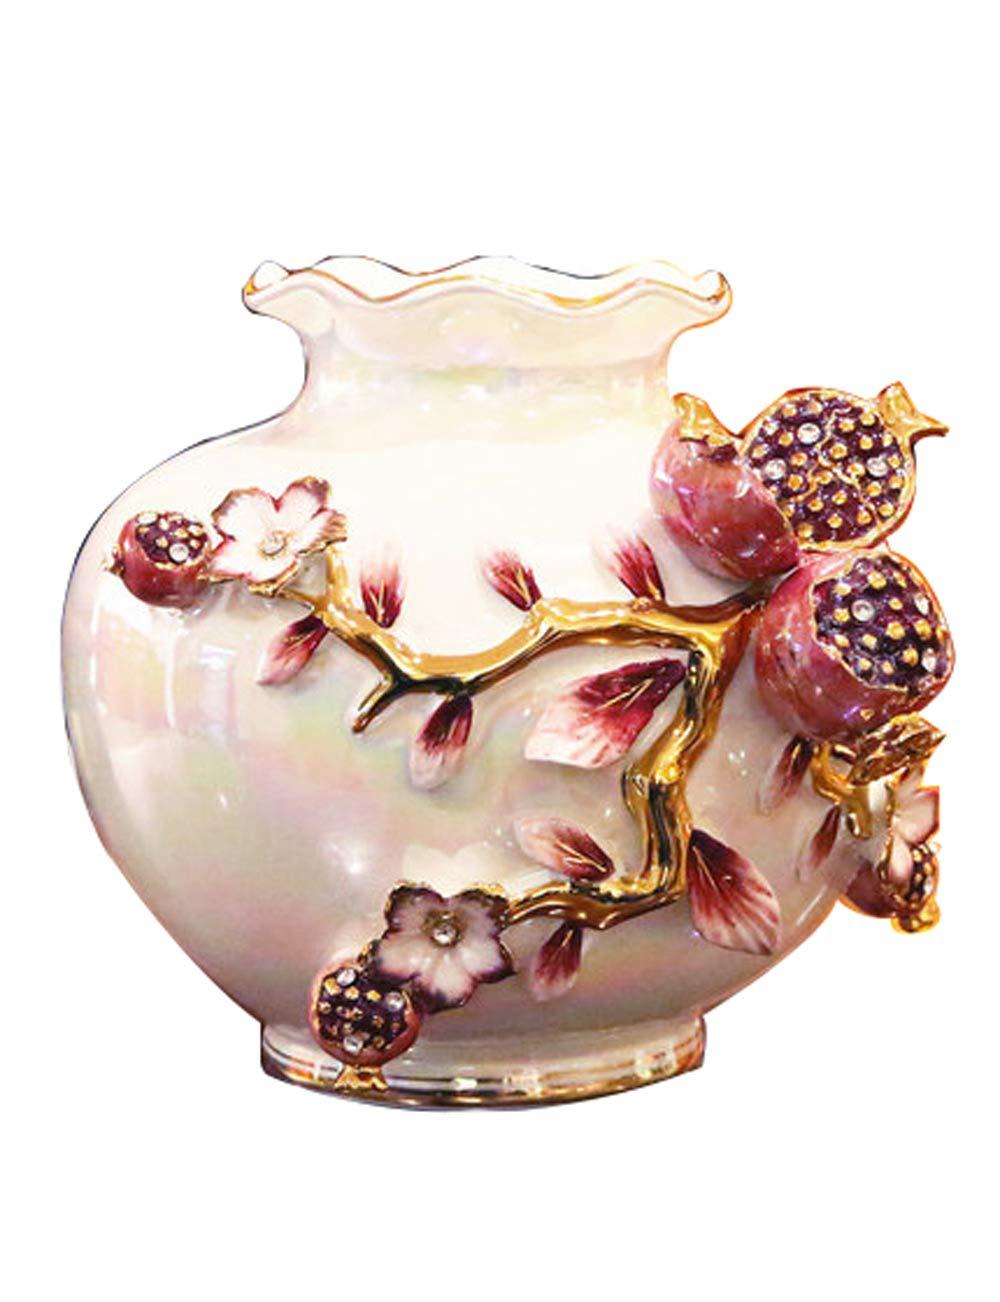 装飾品、セラミック材料のアートワーク、ヨーロッパスタイルのレトロ装飾、クリエイティブな花瓶の工芸品 (色 : Red)  Red B07K176HB5